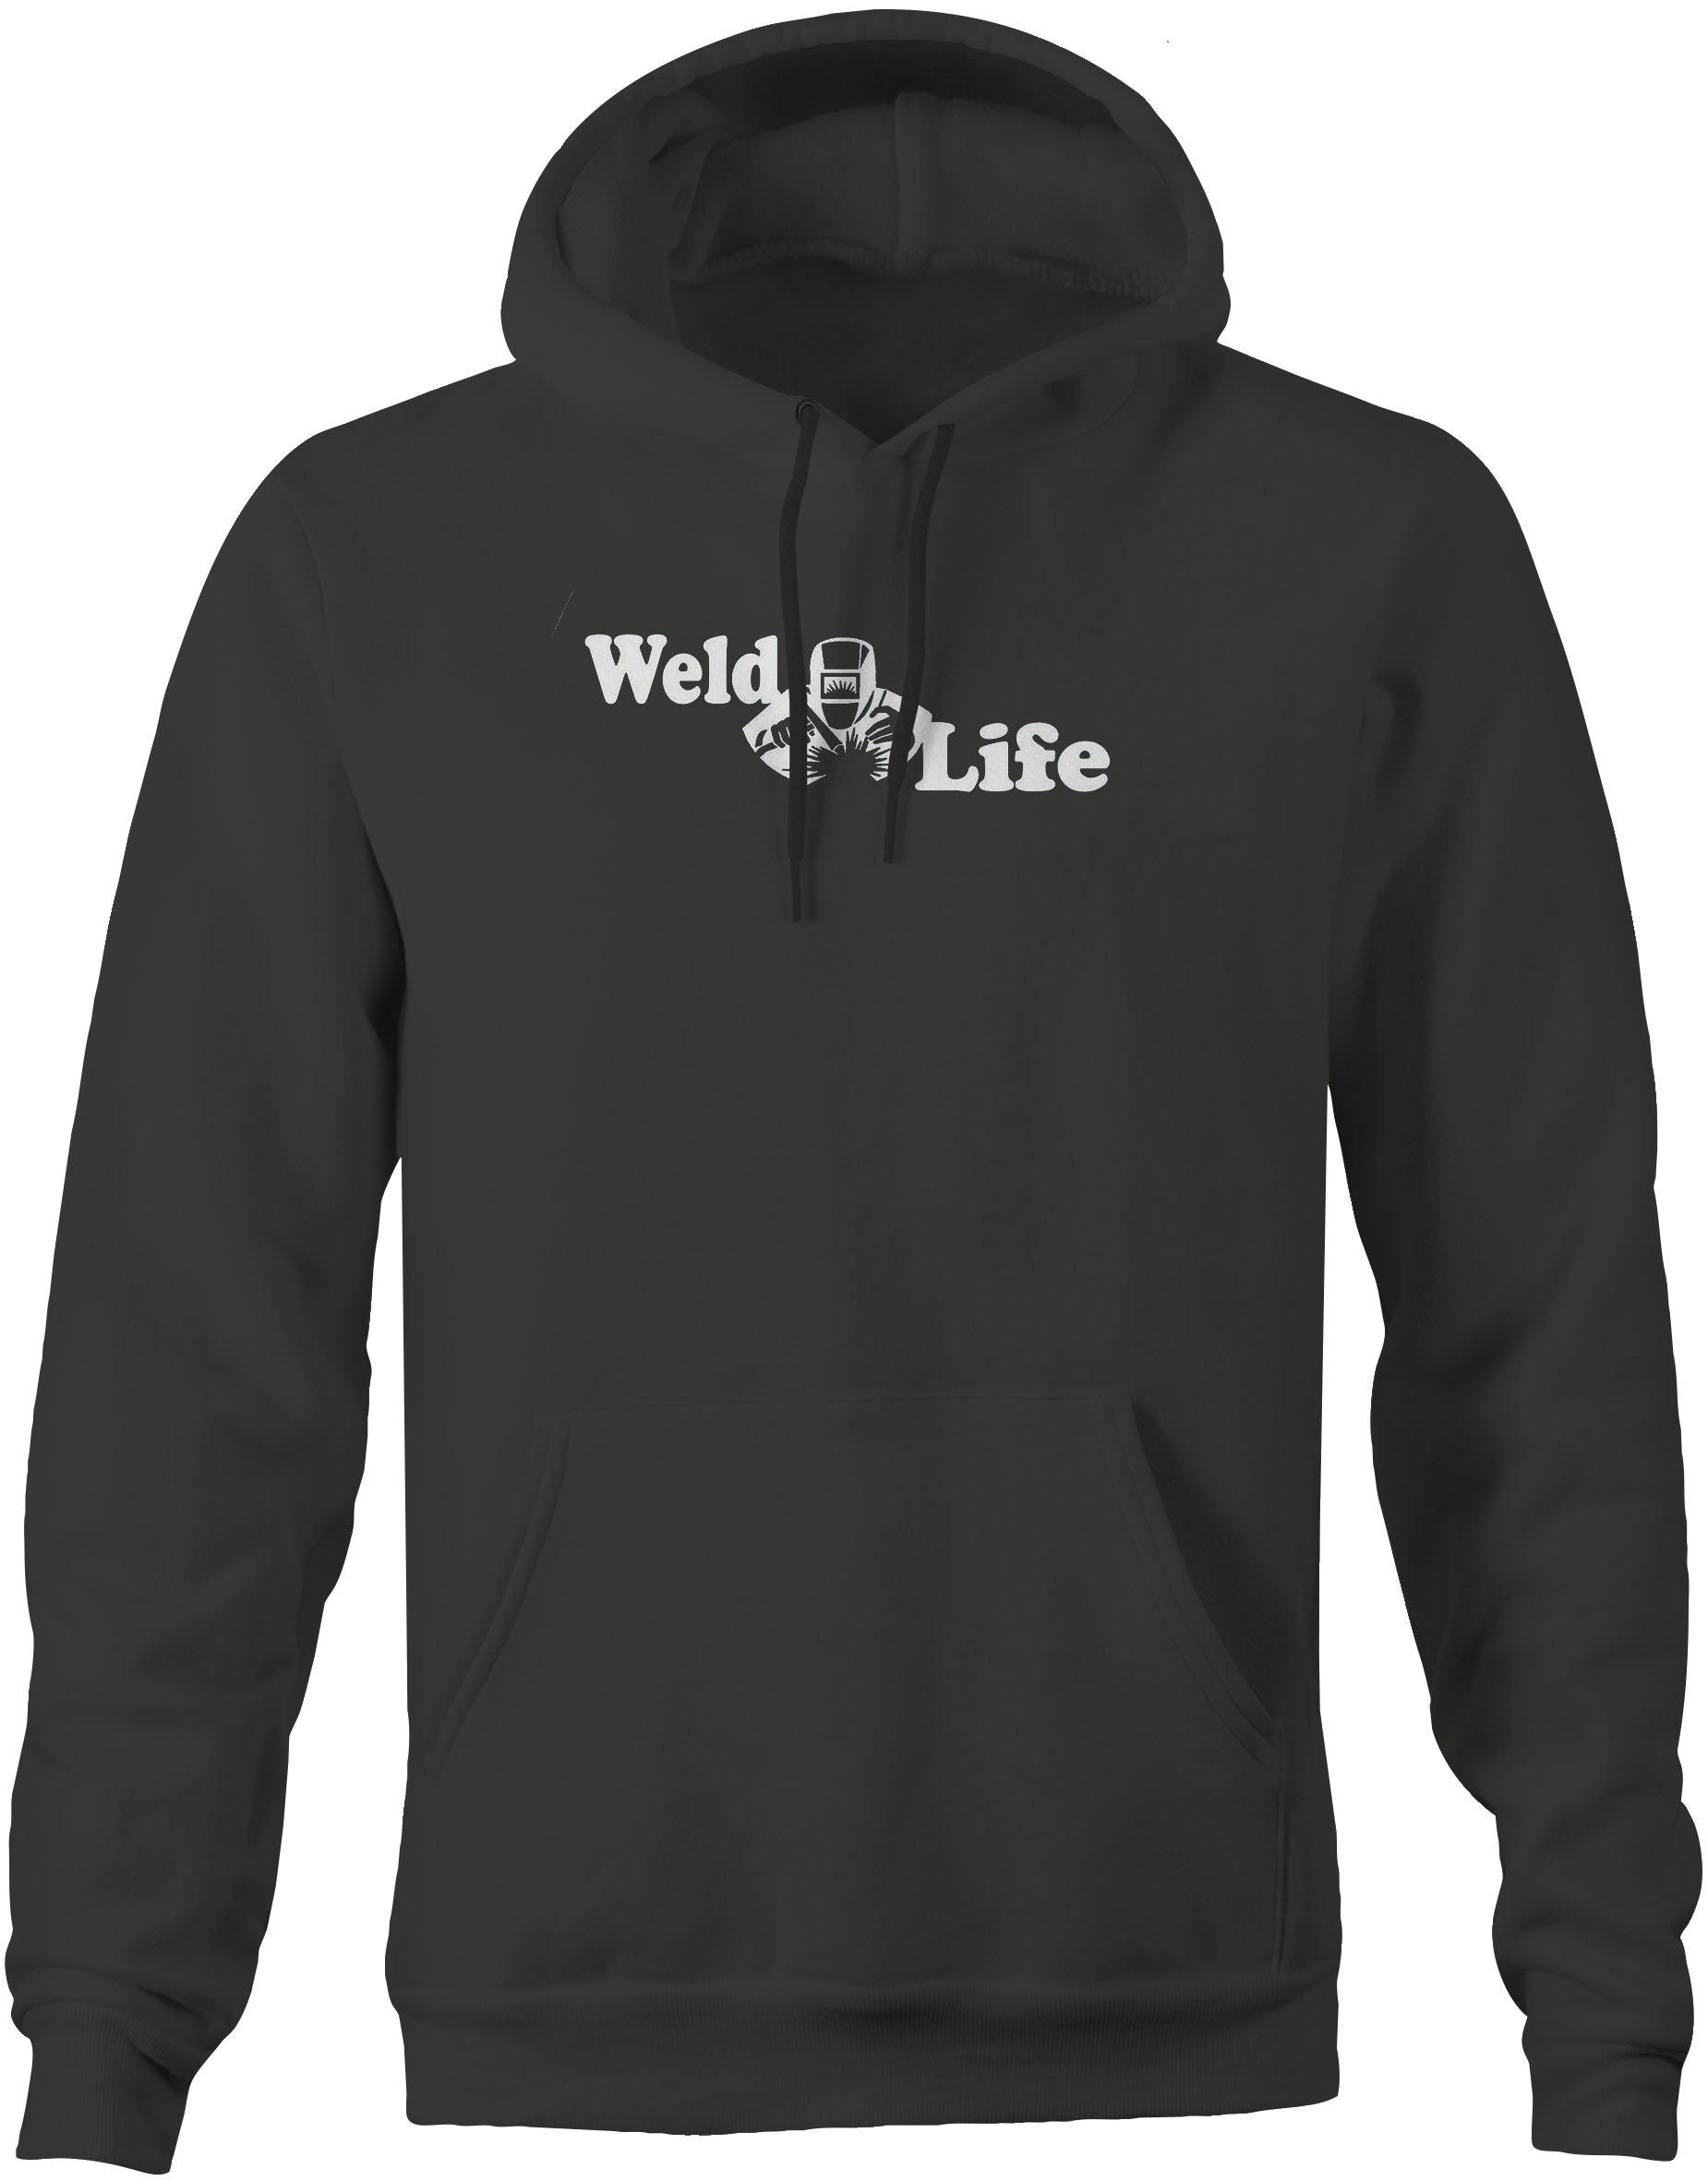 SweaT Shirt Weld Life Helmet Welding Sparks Mig Tig